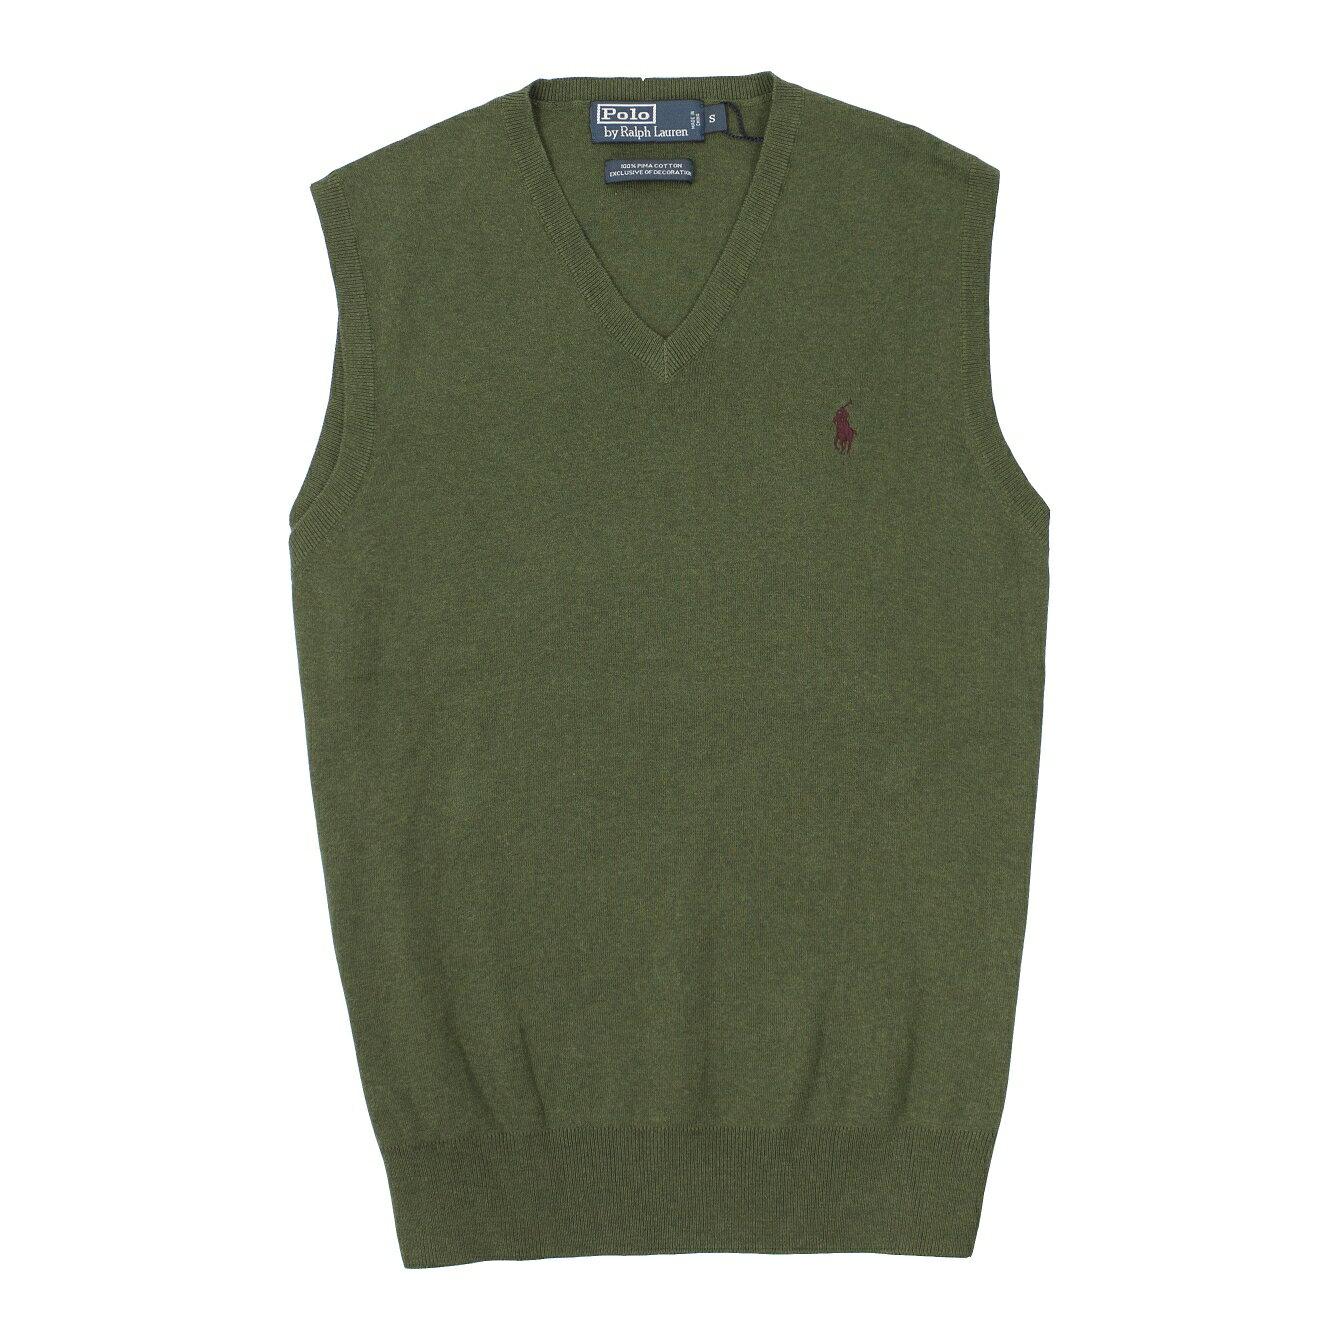 美國百分百【全新真品】Ralph Lauren 針織衫 RL 背心 線衫 上衣 Polo 小馬 軍綠 V領 薄 男 S號 B015